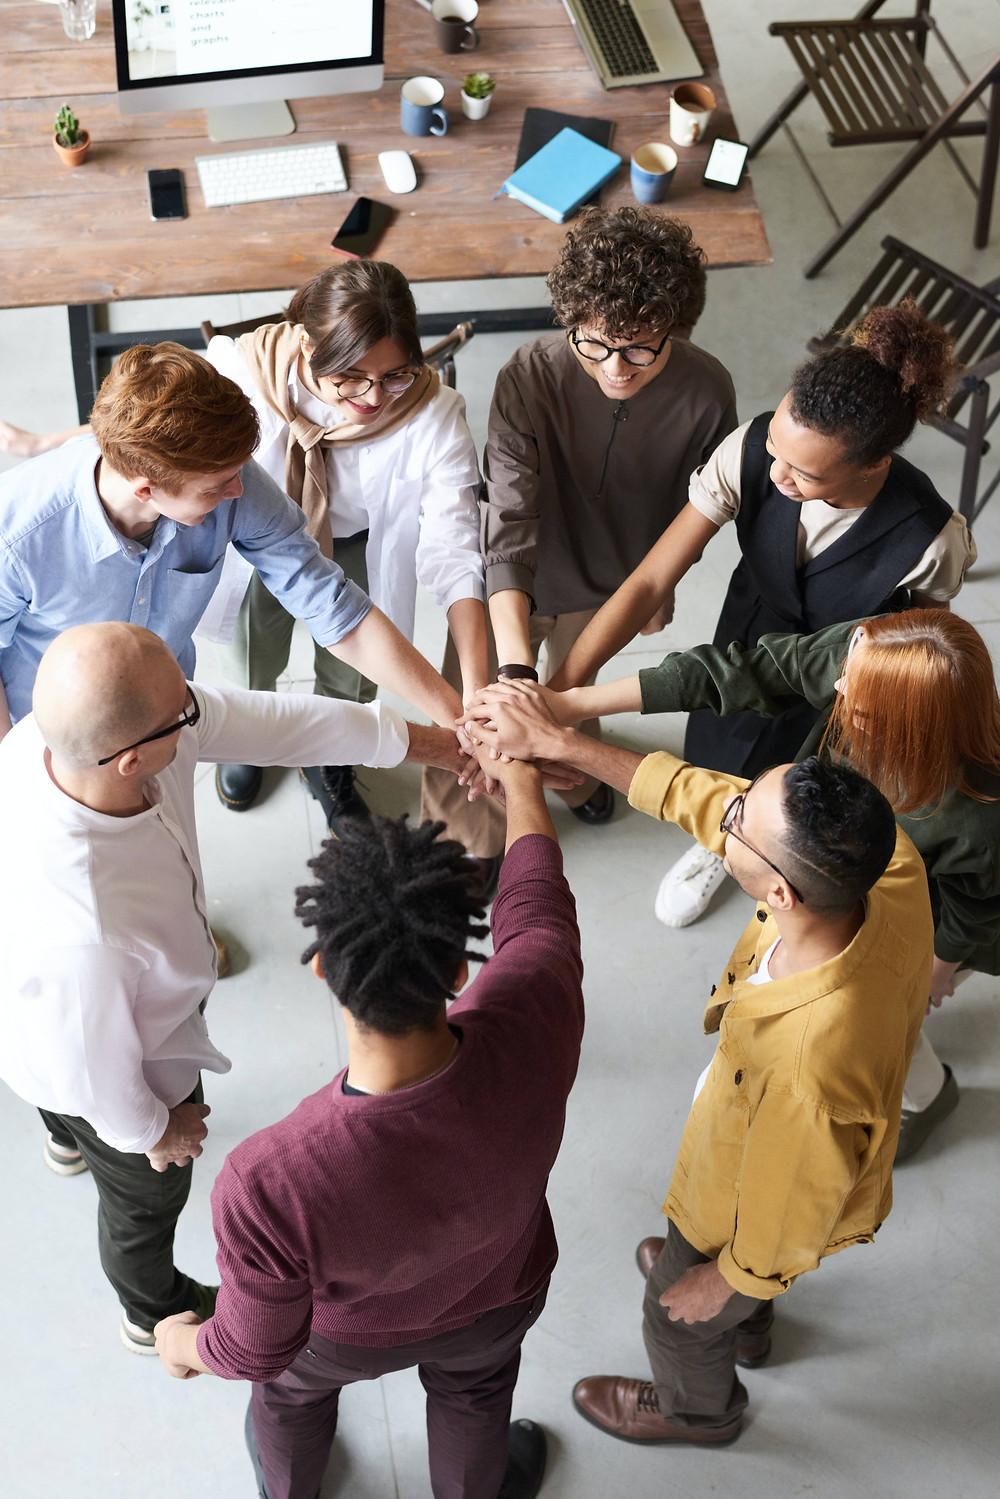 Cohésion d'équipe pour un travail plus efficace